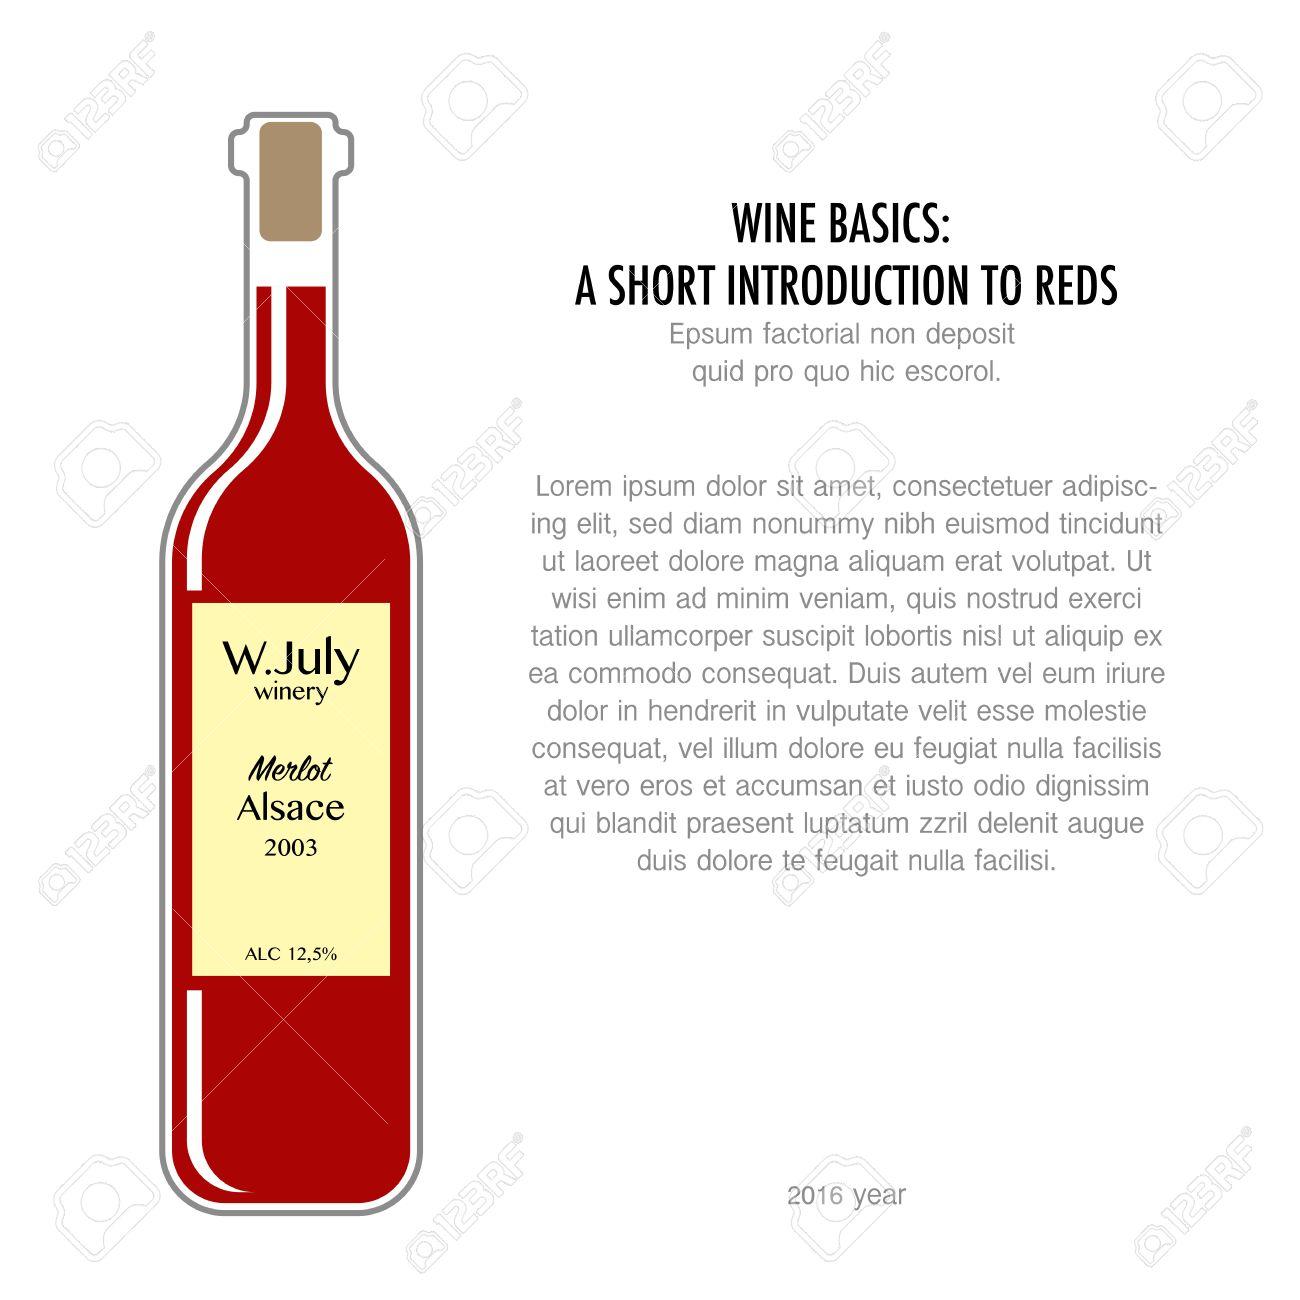 Bouteille de vin rouge dans un style plat isolé sur fond blanc. affiche Typographie pour la dégustation de vin ou une affiche d'information pour les